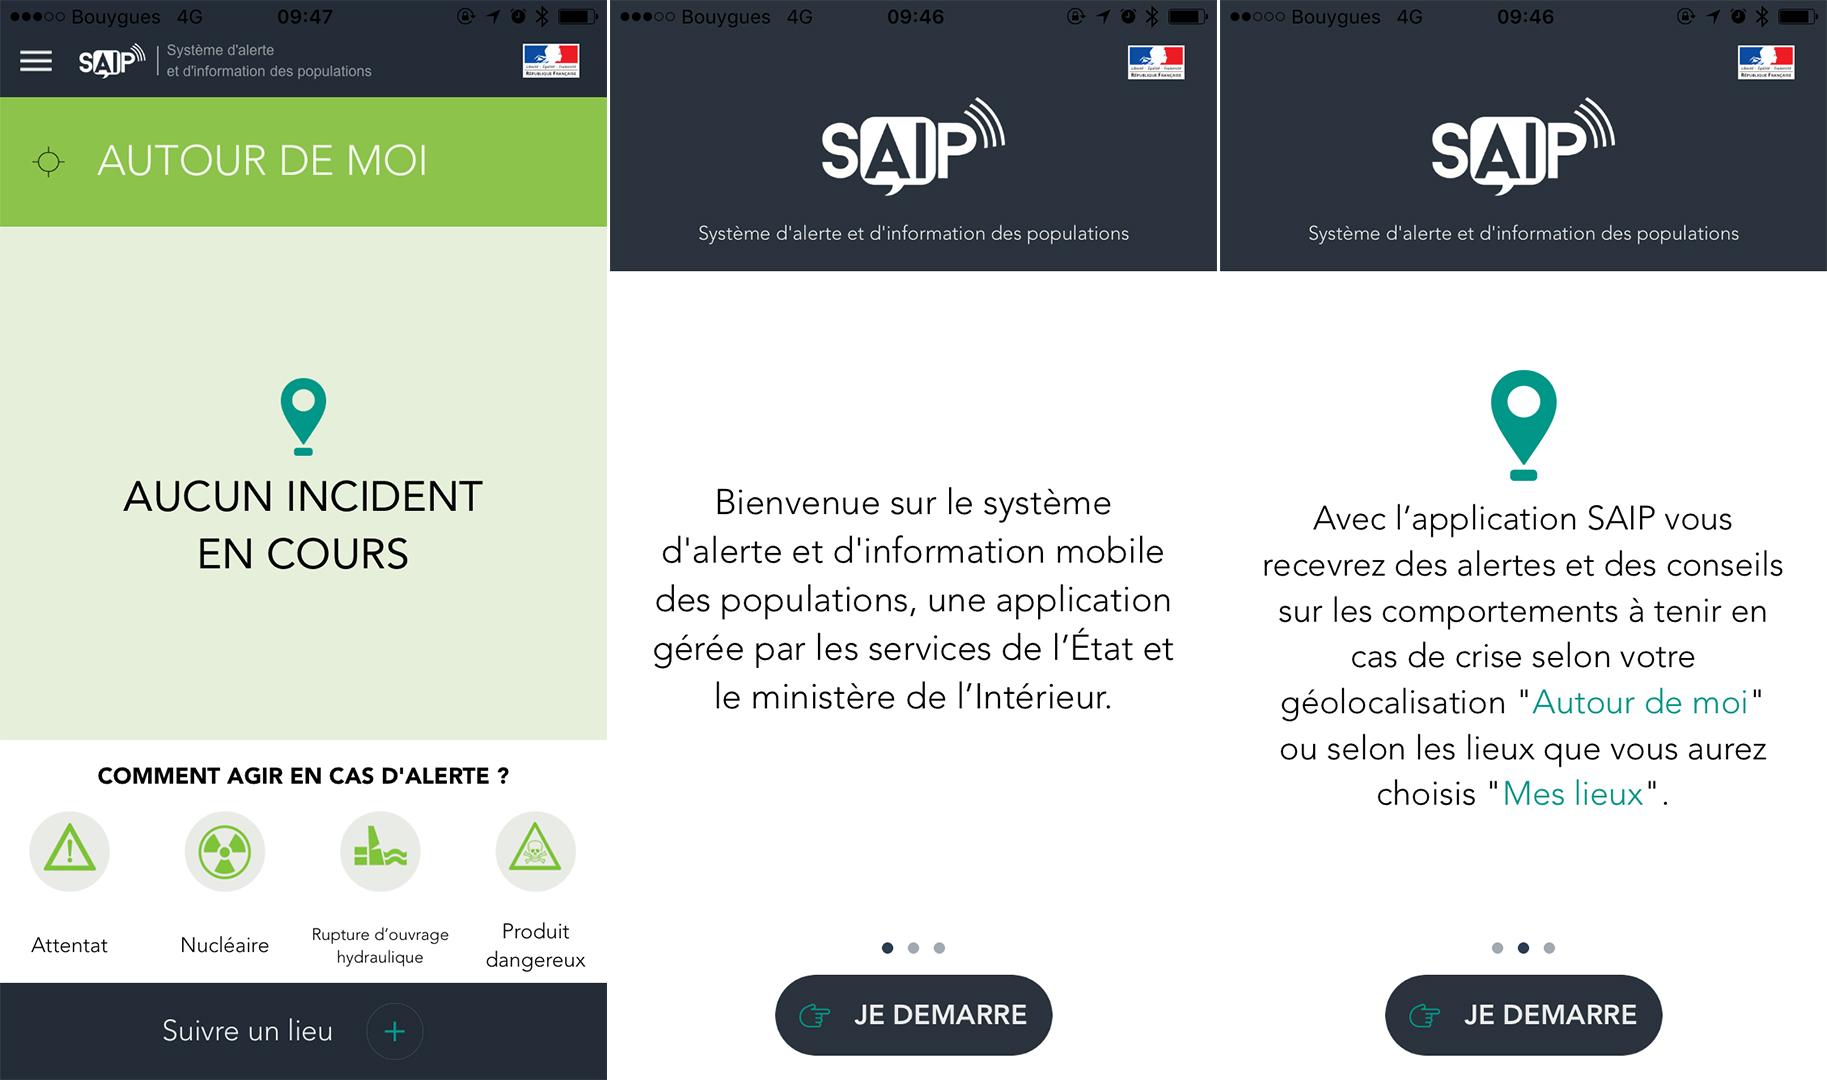 L'app SAIP développée par le gouvernement français